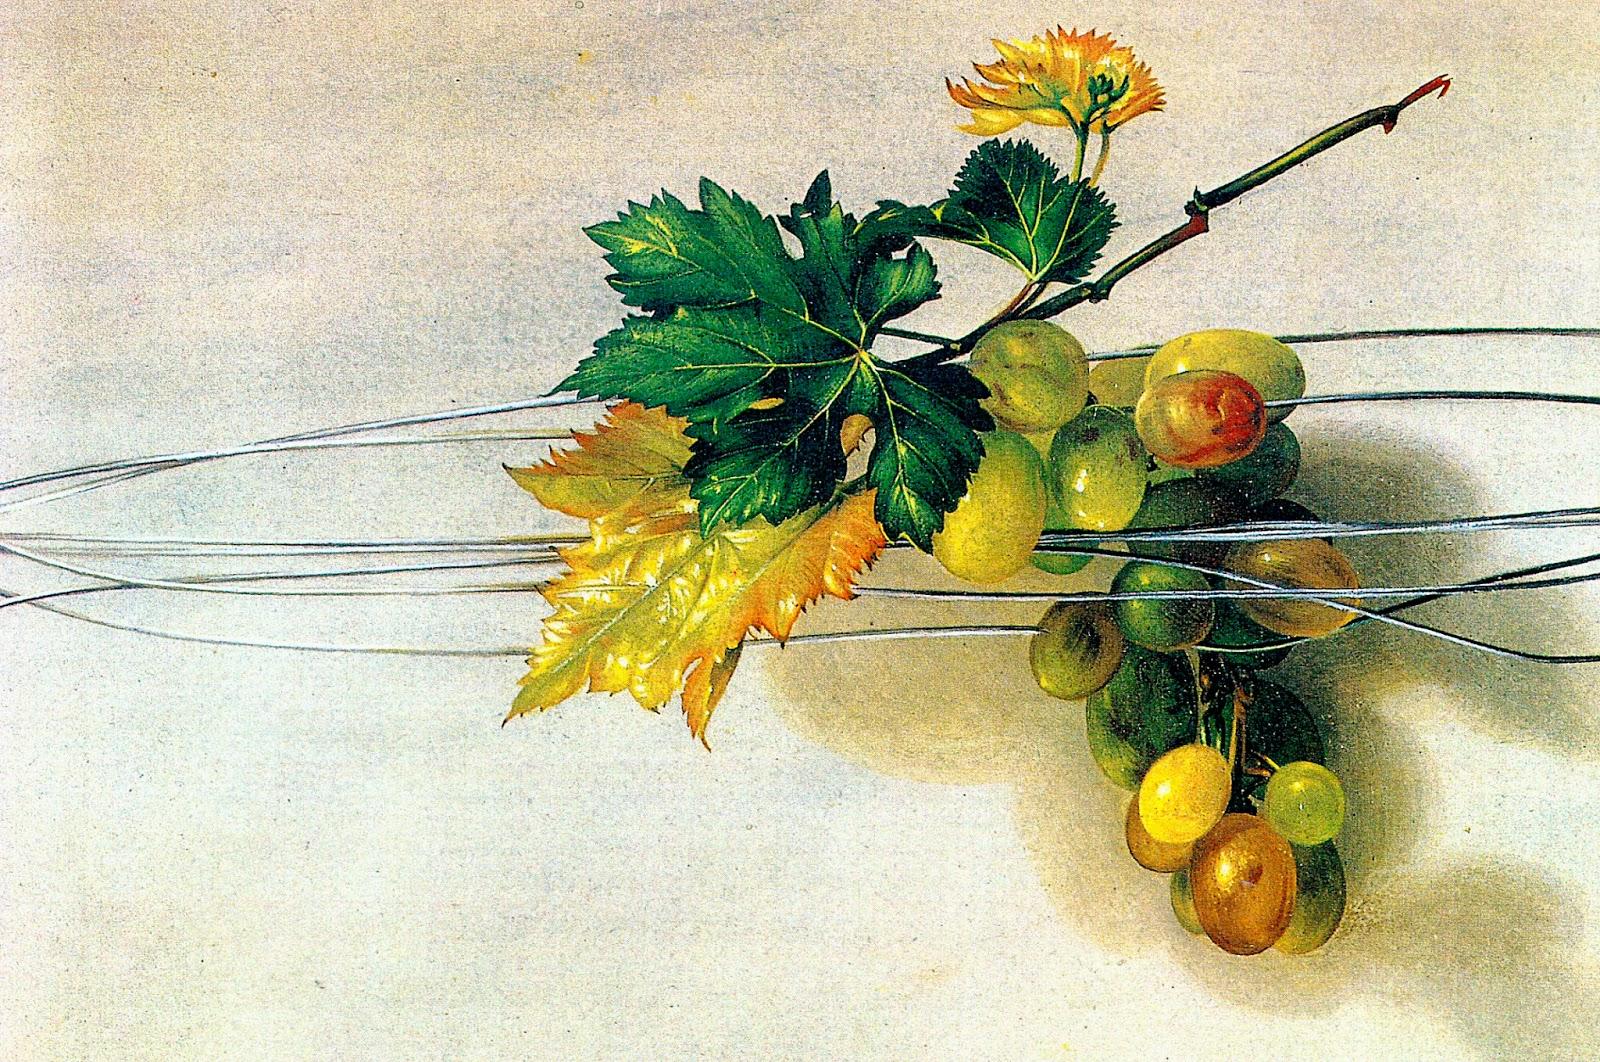 Μιχάλης Μακρουλάκης, ζωγράφος